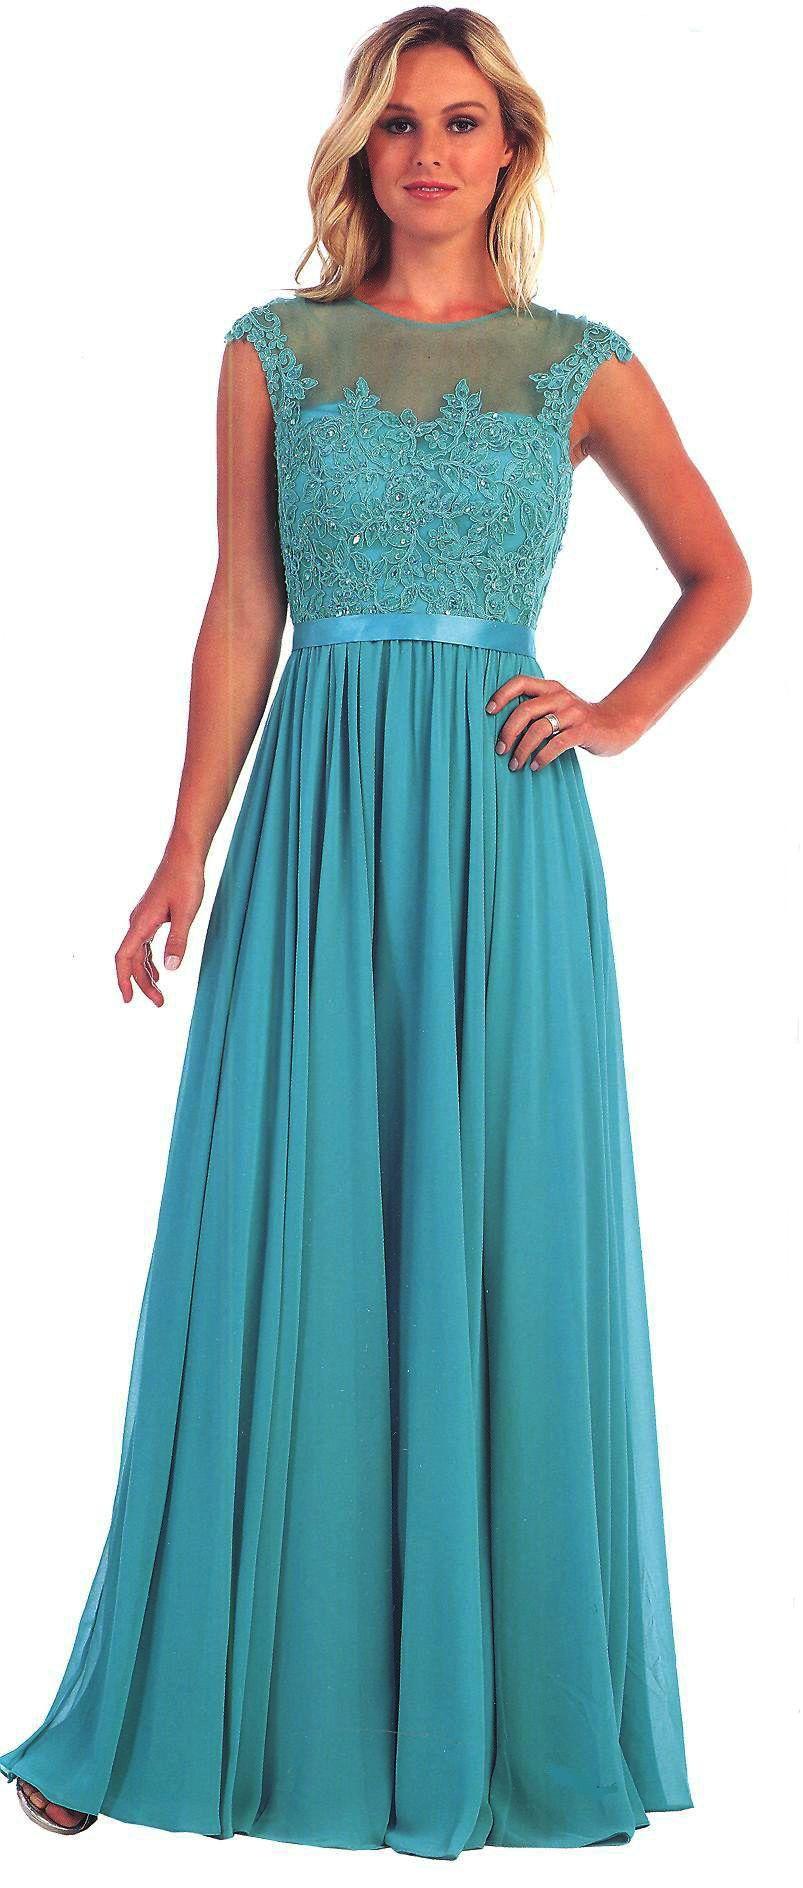 Wedding dresses under $200  Evening Dresses Ball Dresses UNDER ucBRueafaucBRueChiffon maxi